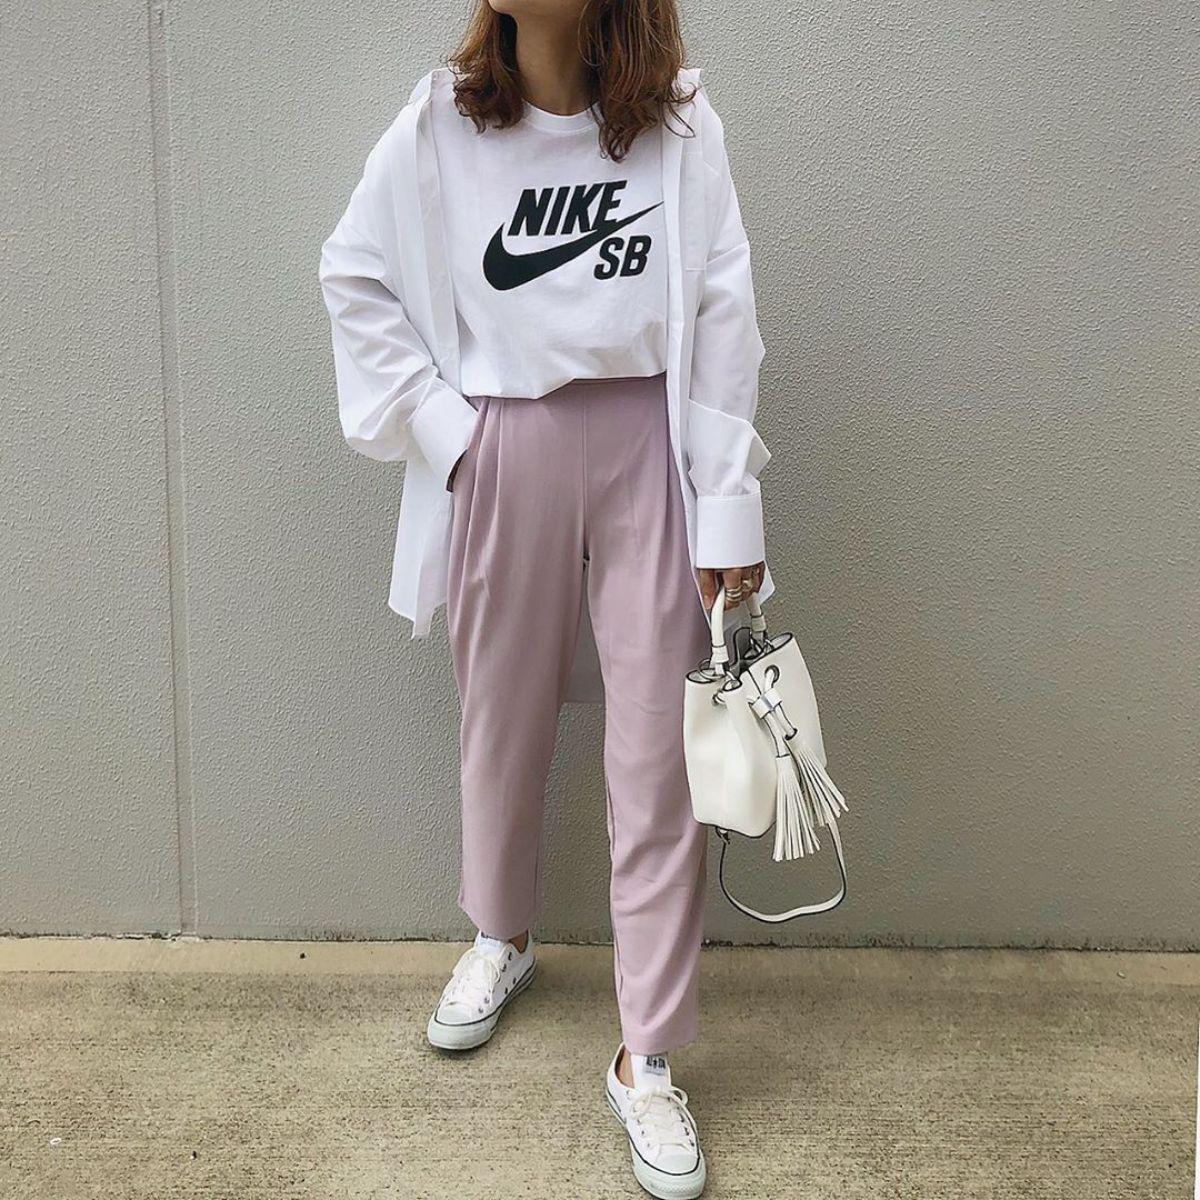 ユニクロの「新テーパードパンツ」のピンクカラーが絶妙な色合い♡高級感のある素材で履き心地も抜群なんです